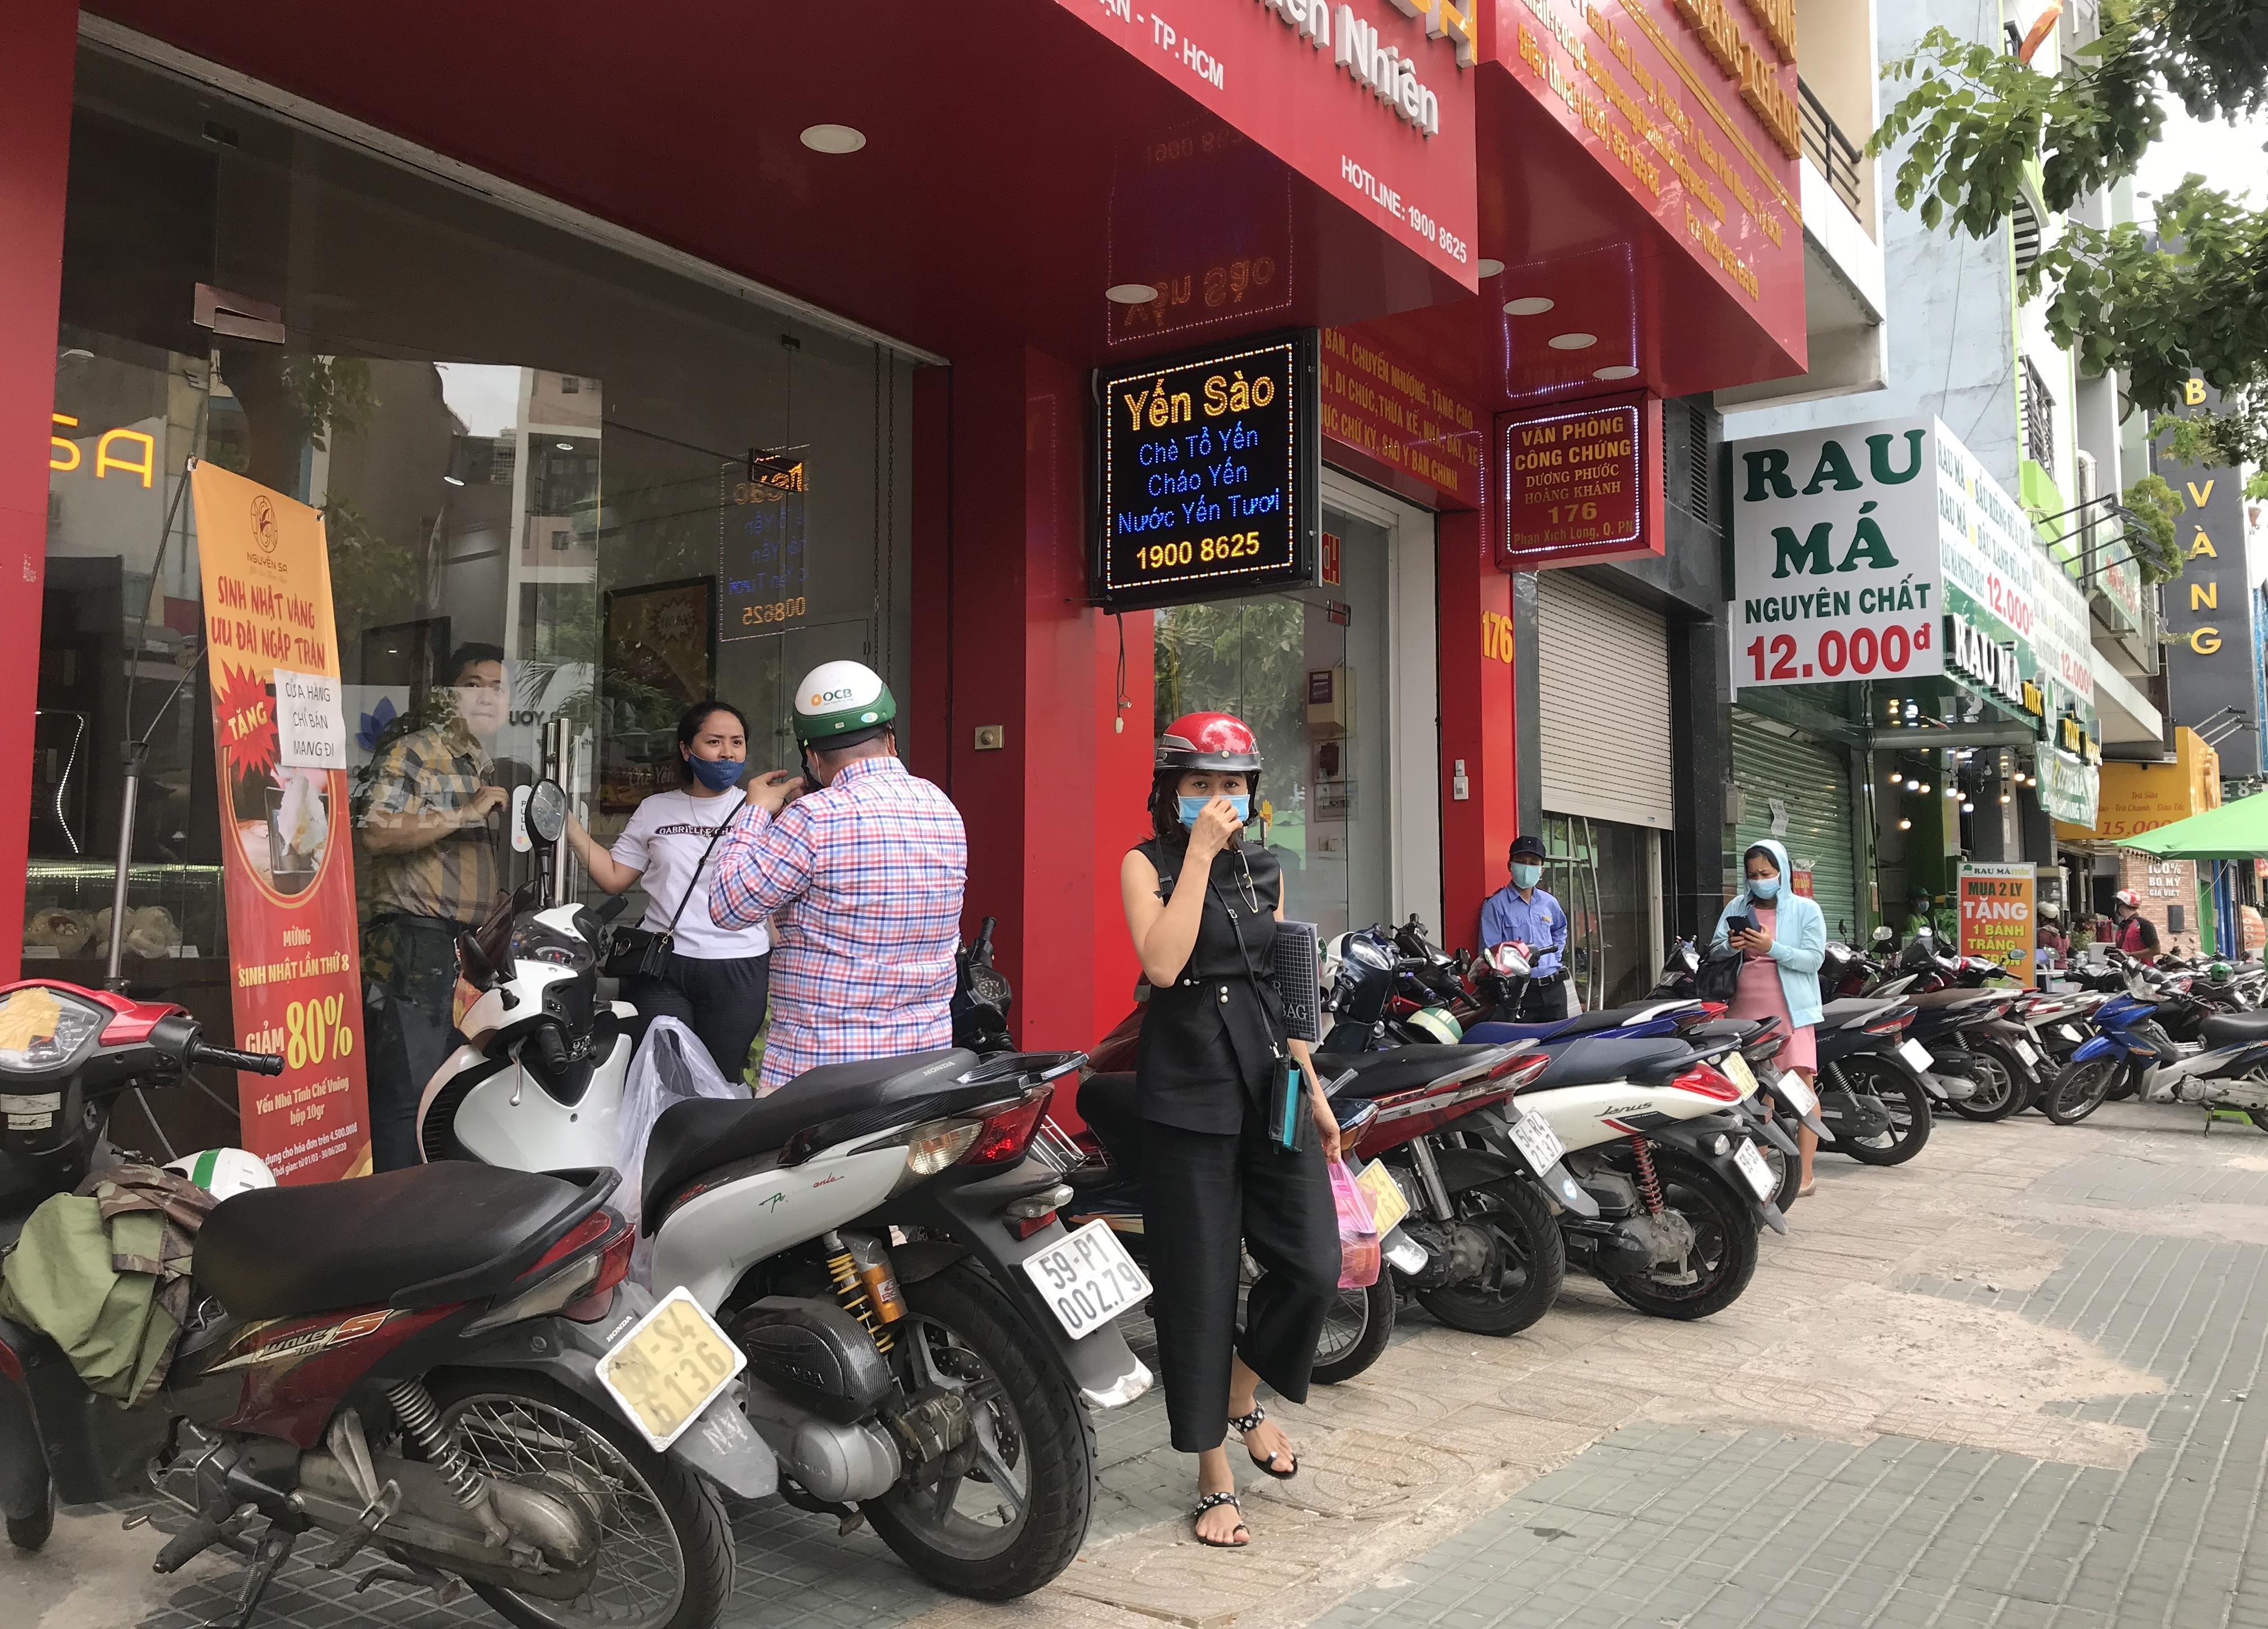 Hàng quán Sài Gòn tất bật dọn dẹp, hi vọng được mở cửa hoạt động lại vào ngày mai - Ảnh 1.